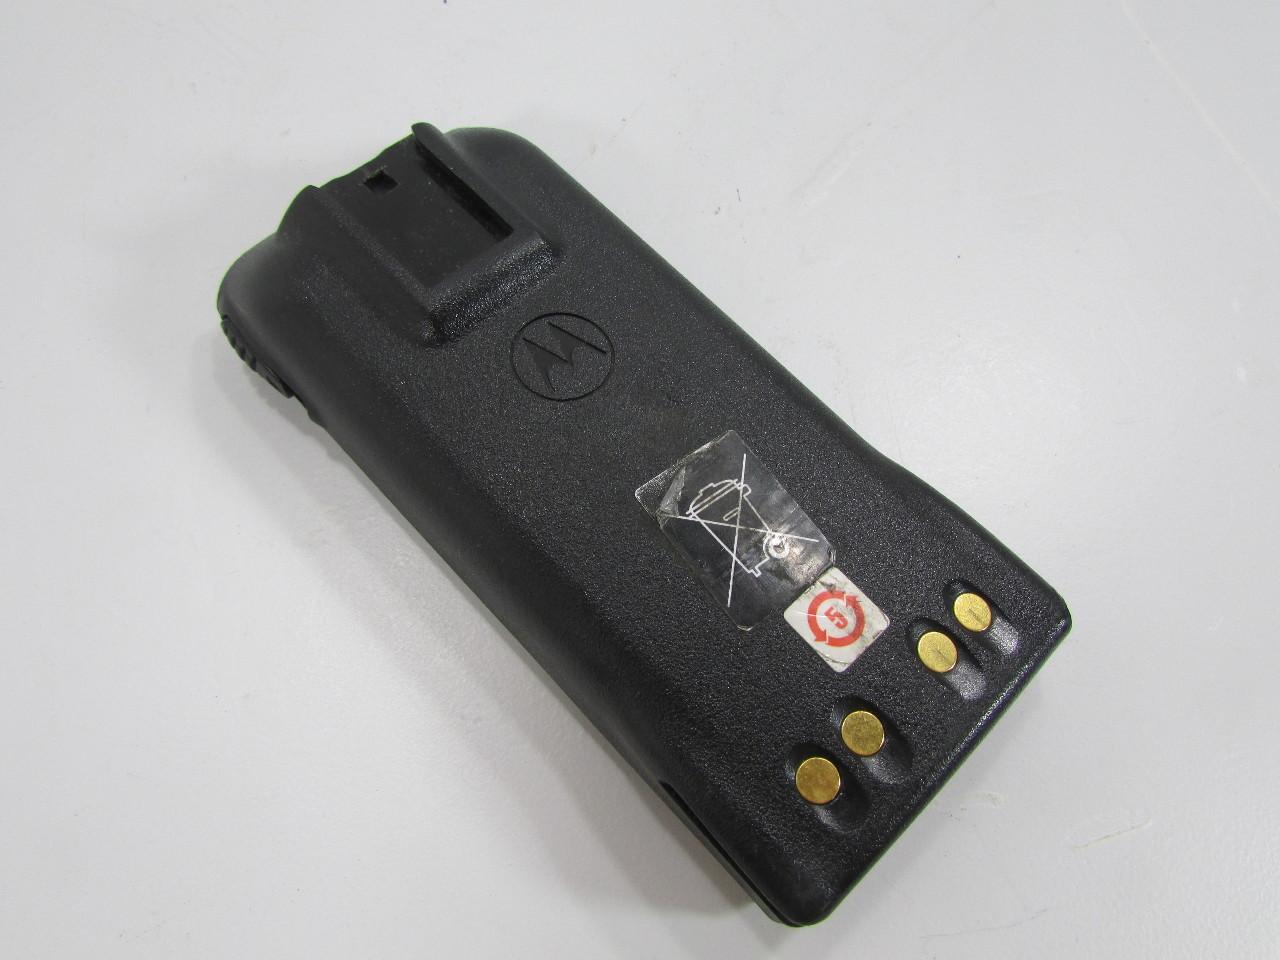 Nickel Metal Hydride Battery : Motorola battery v nickel metal hydride hnn a ebay